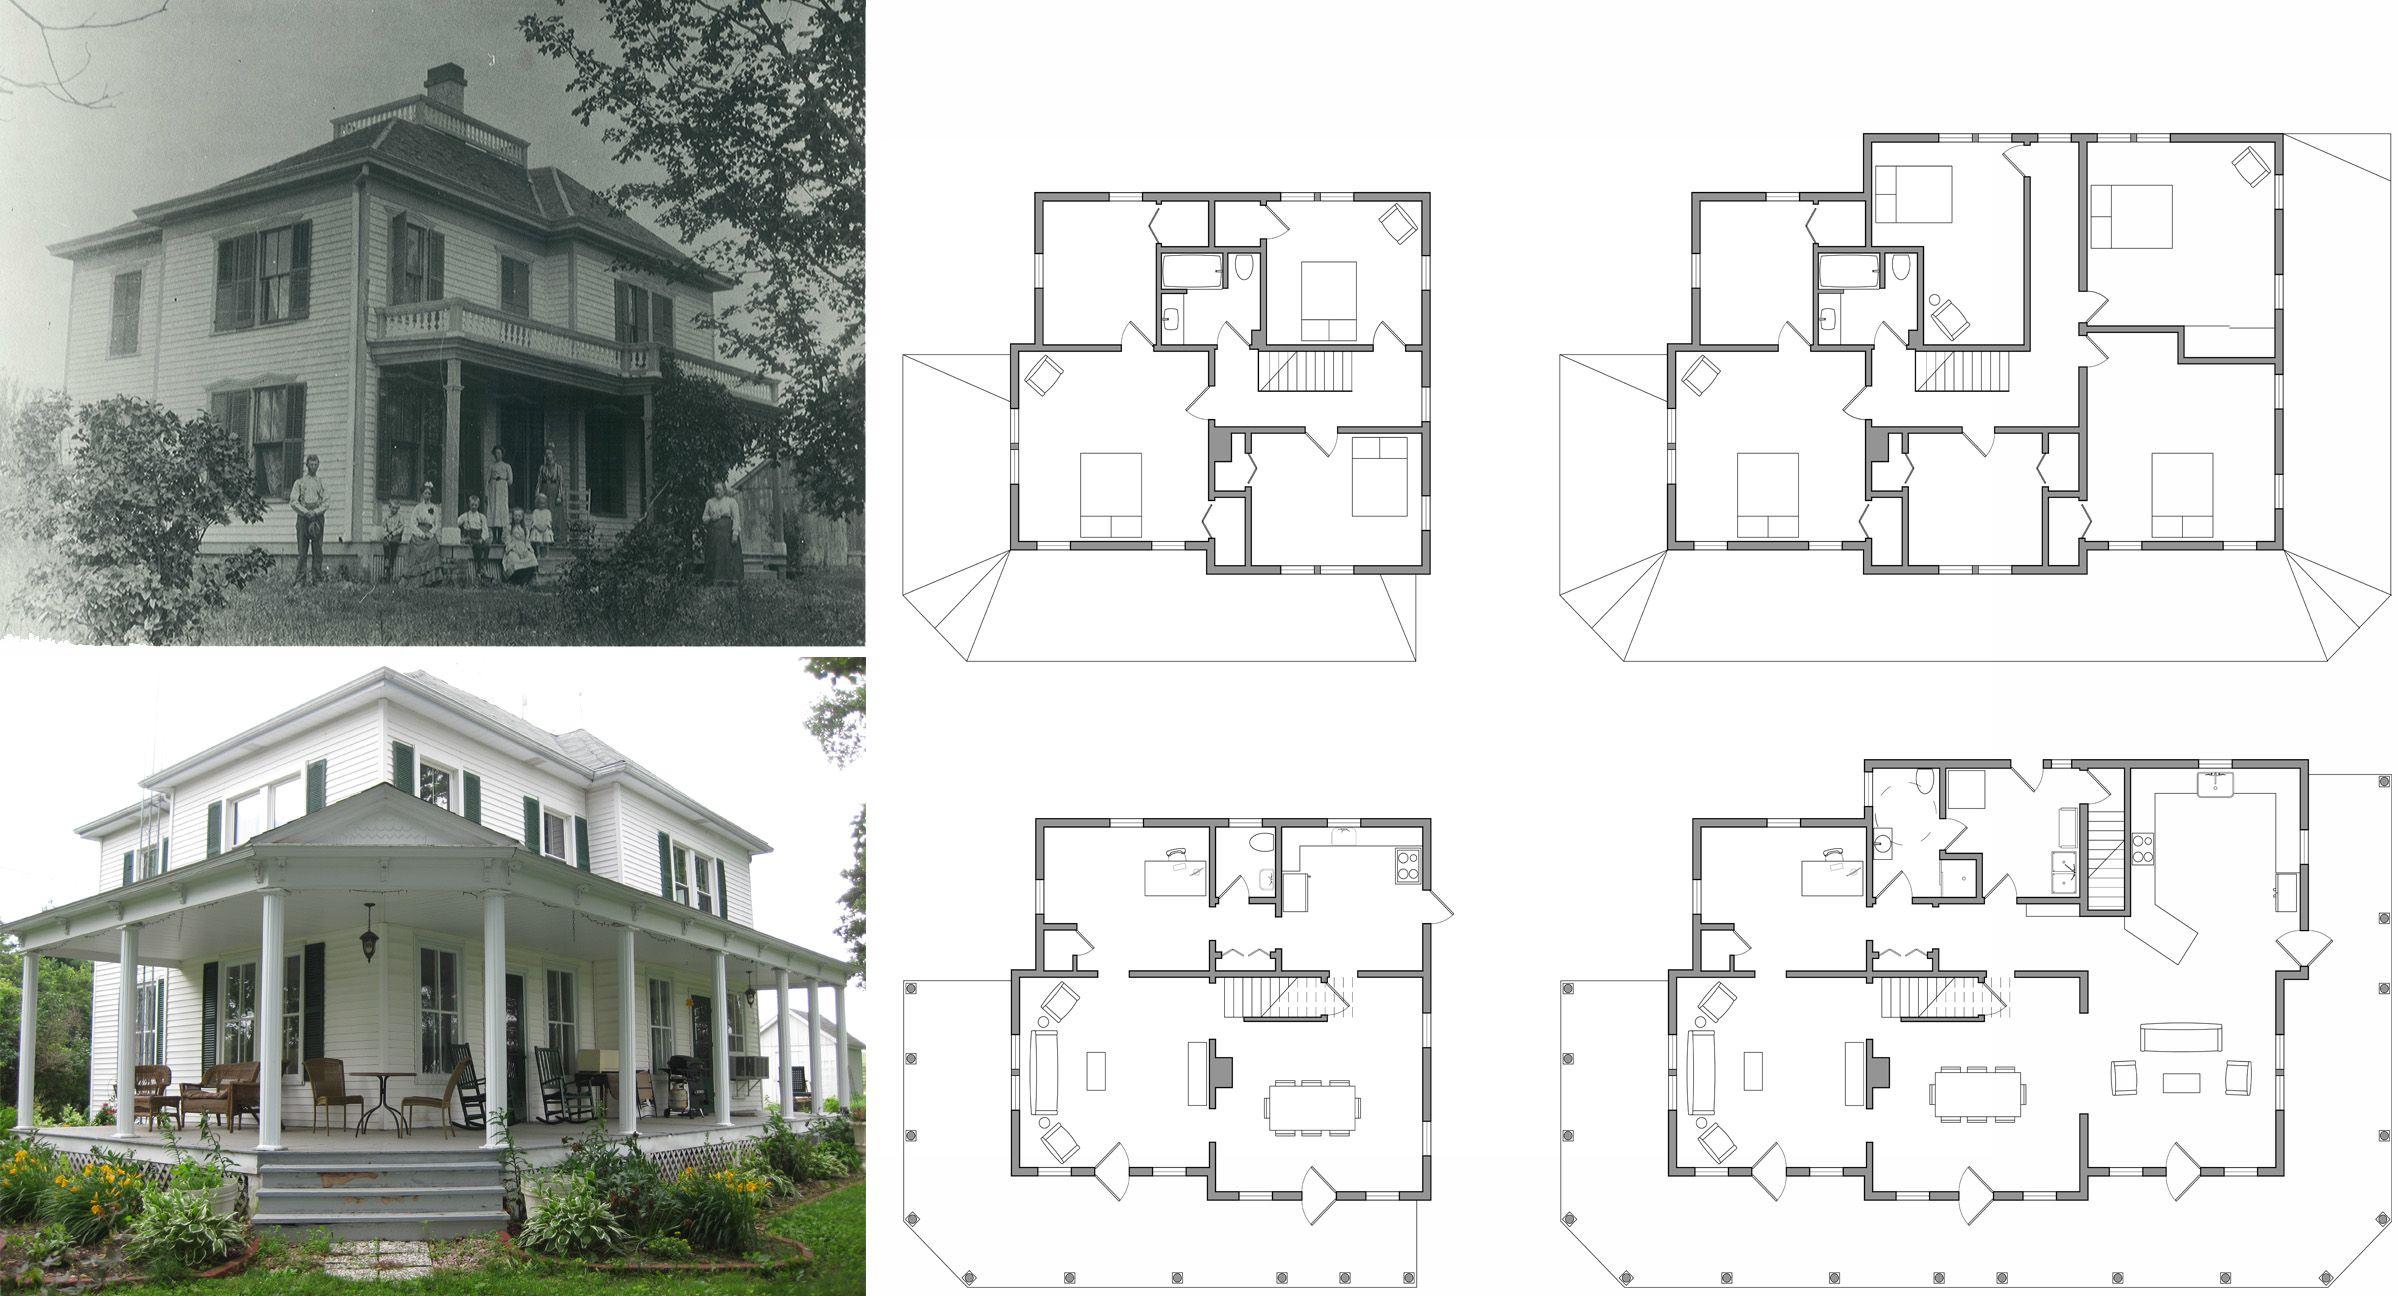 Marvelous Old Farmhouse Floor Plans | Farm House Plan Home Design Ideas